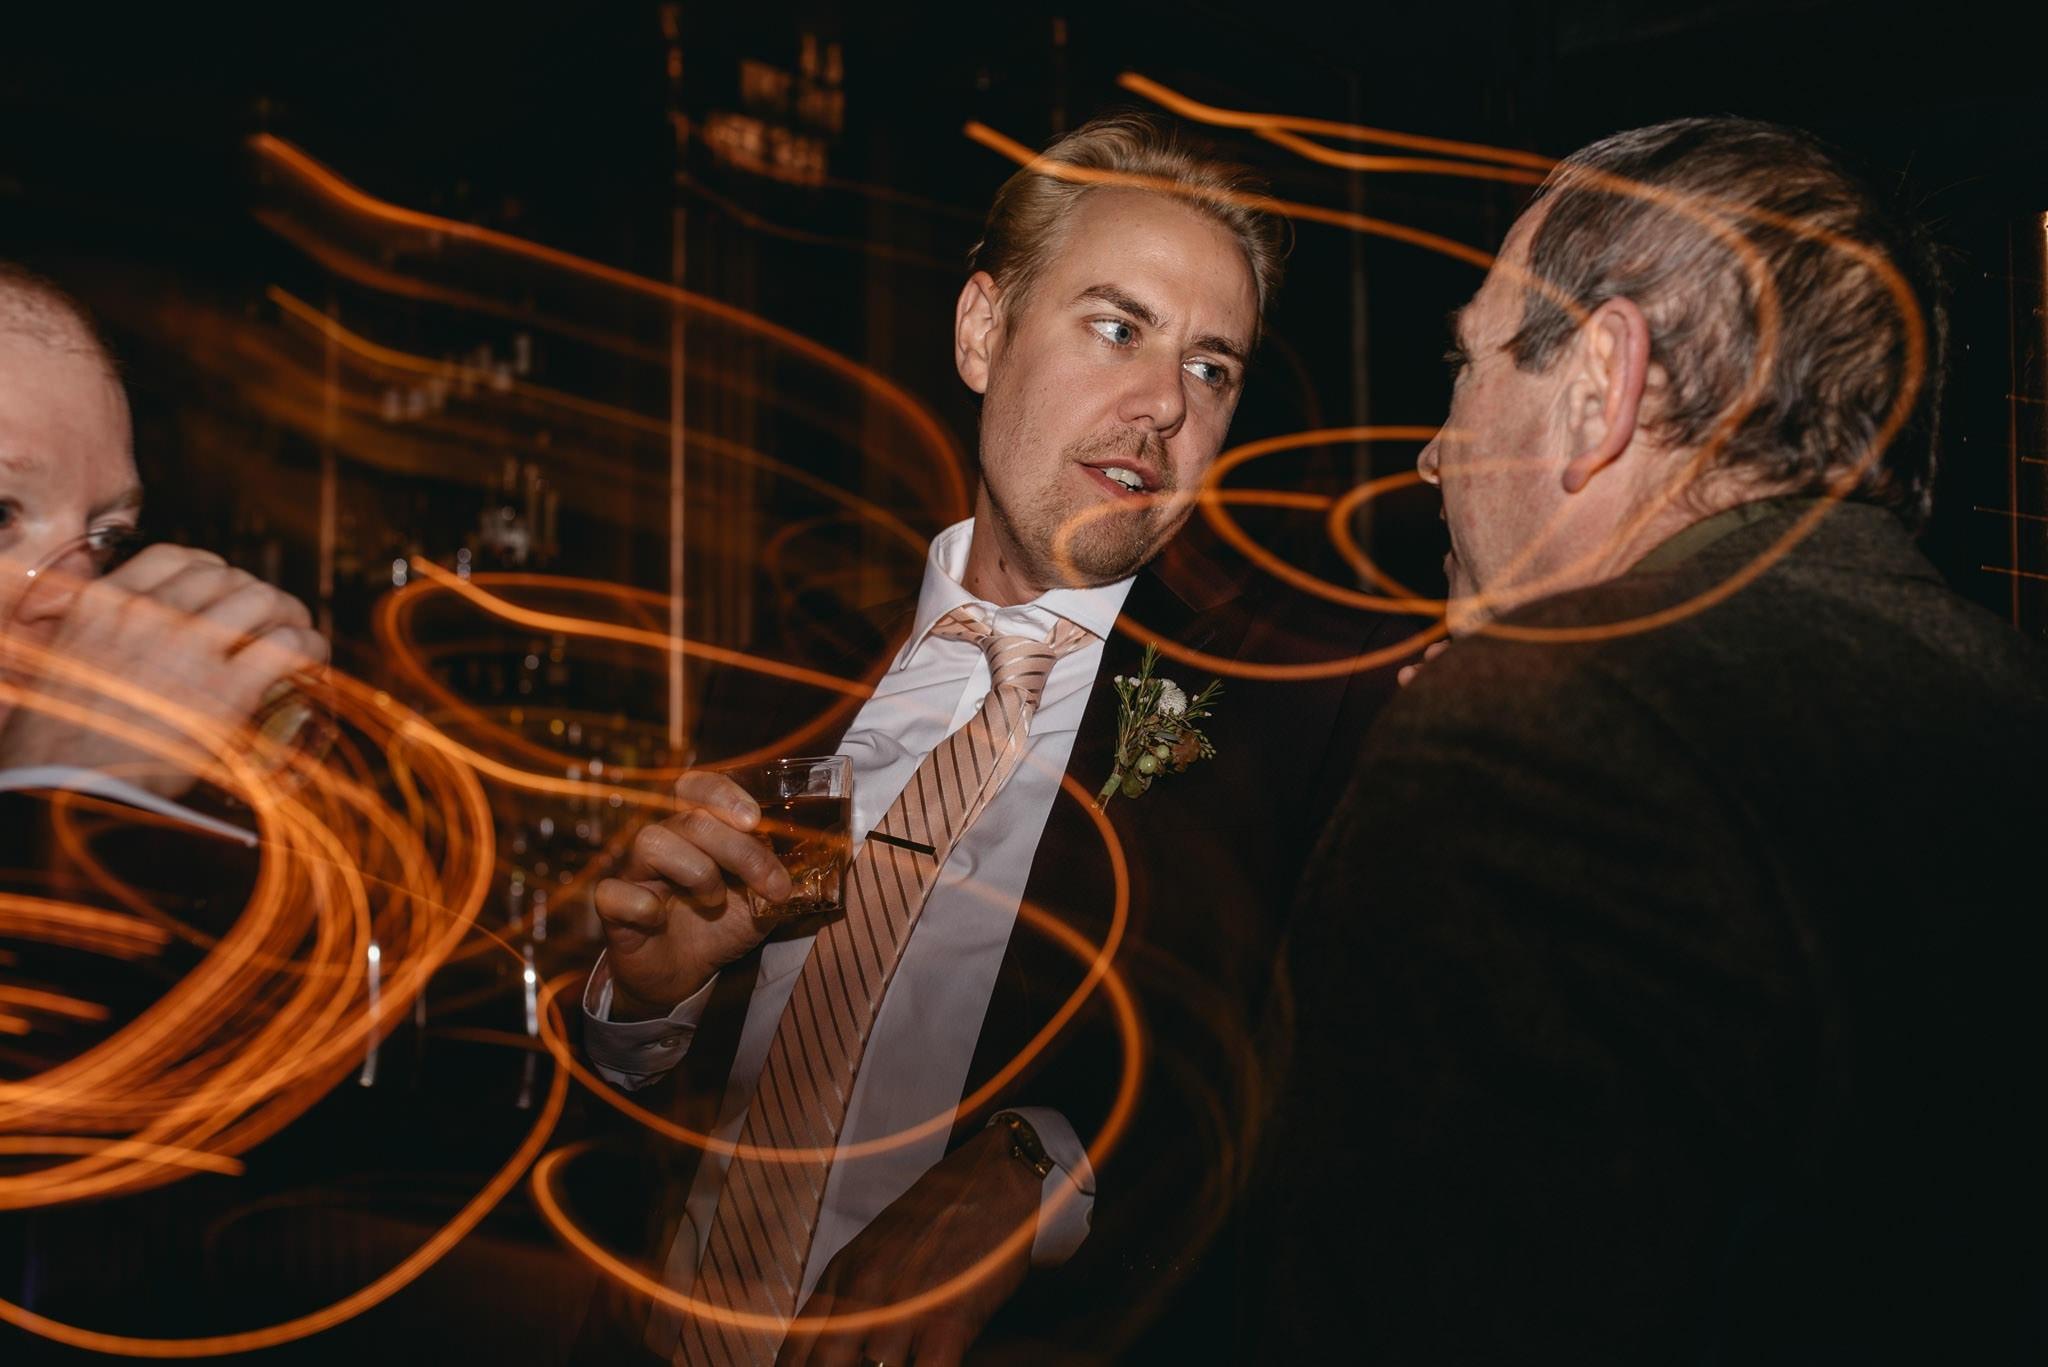 helsinki-hudson-wedding-58